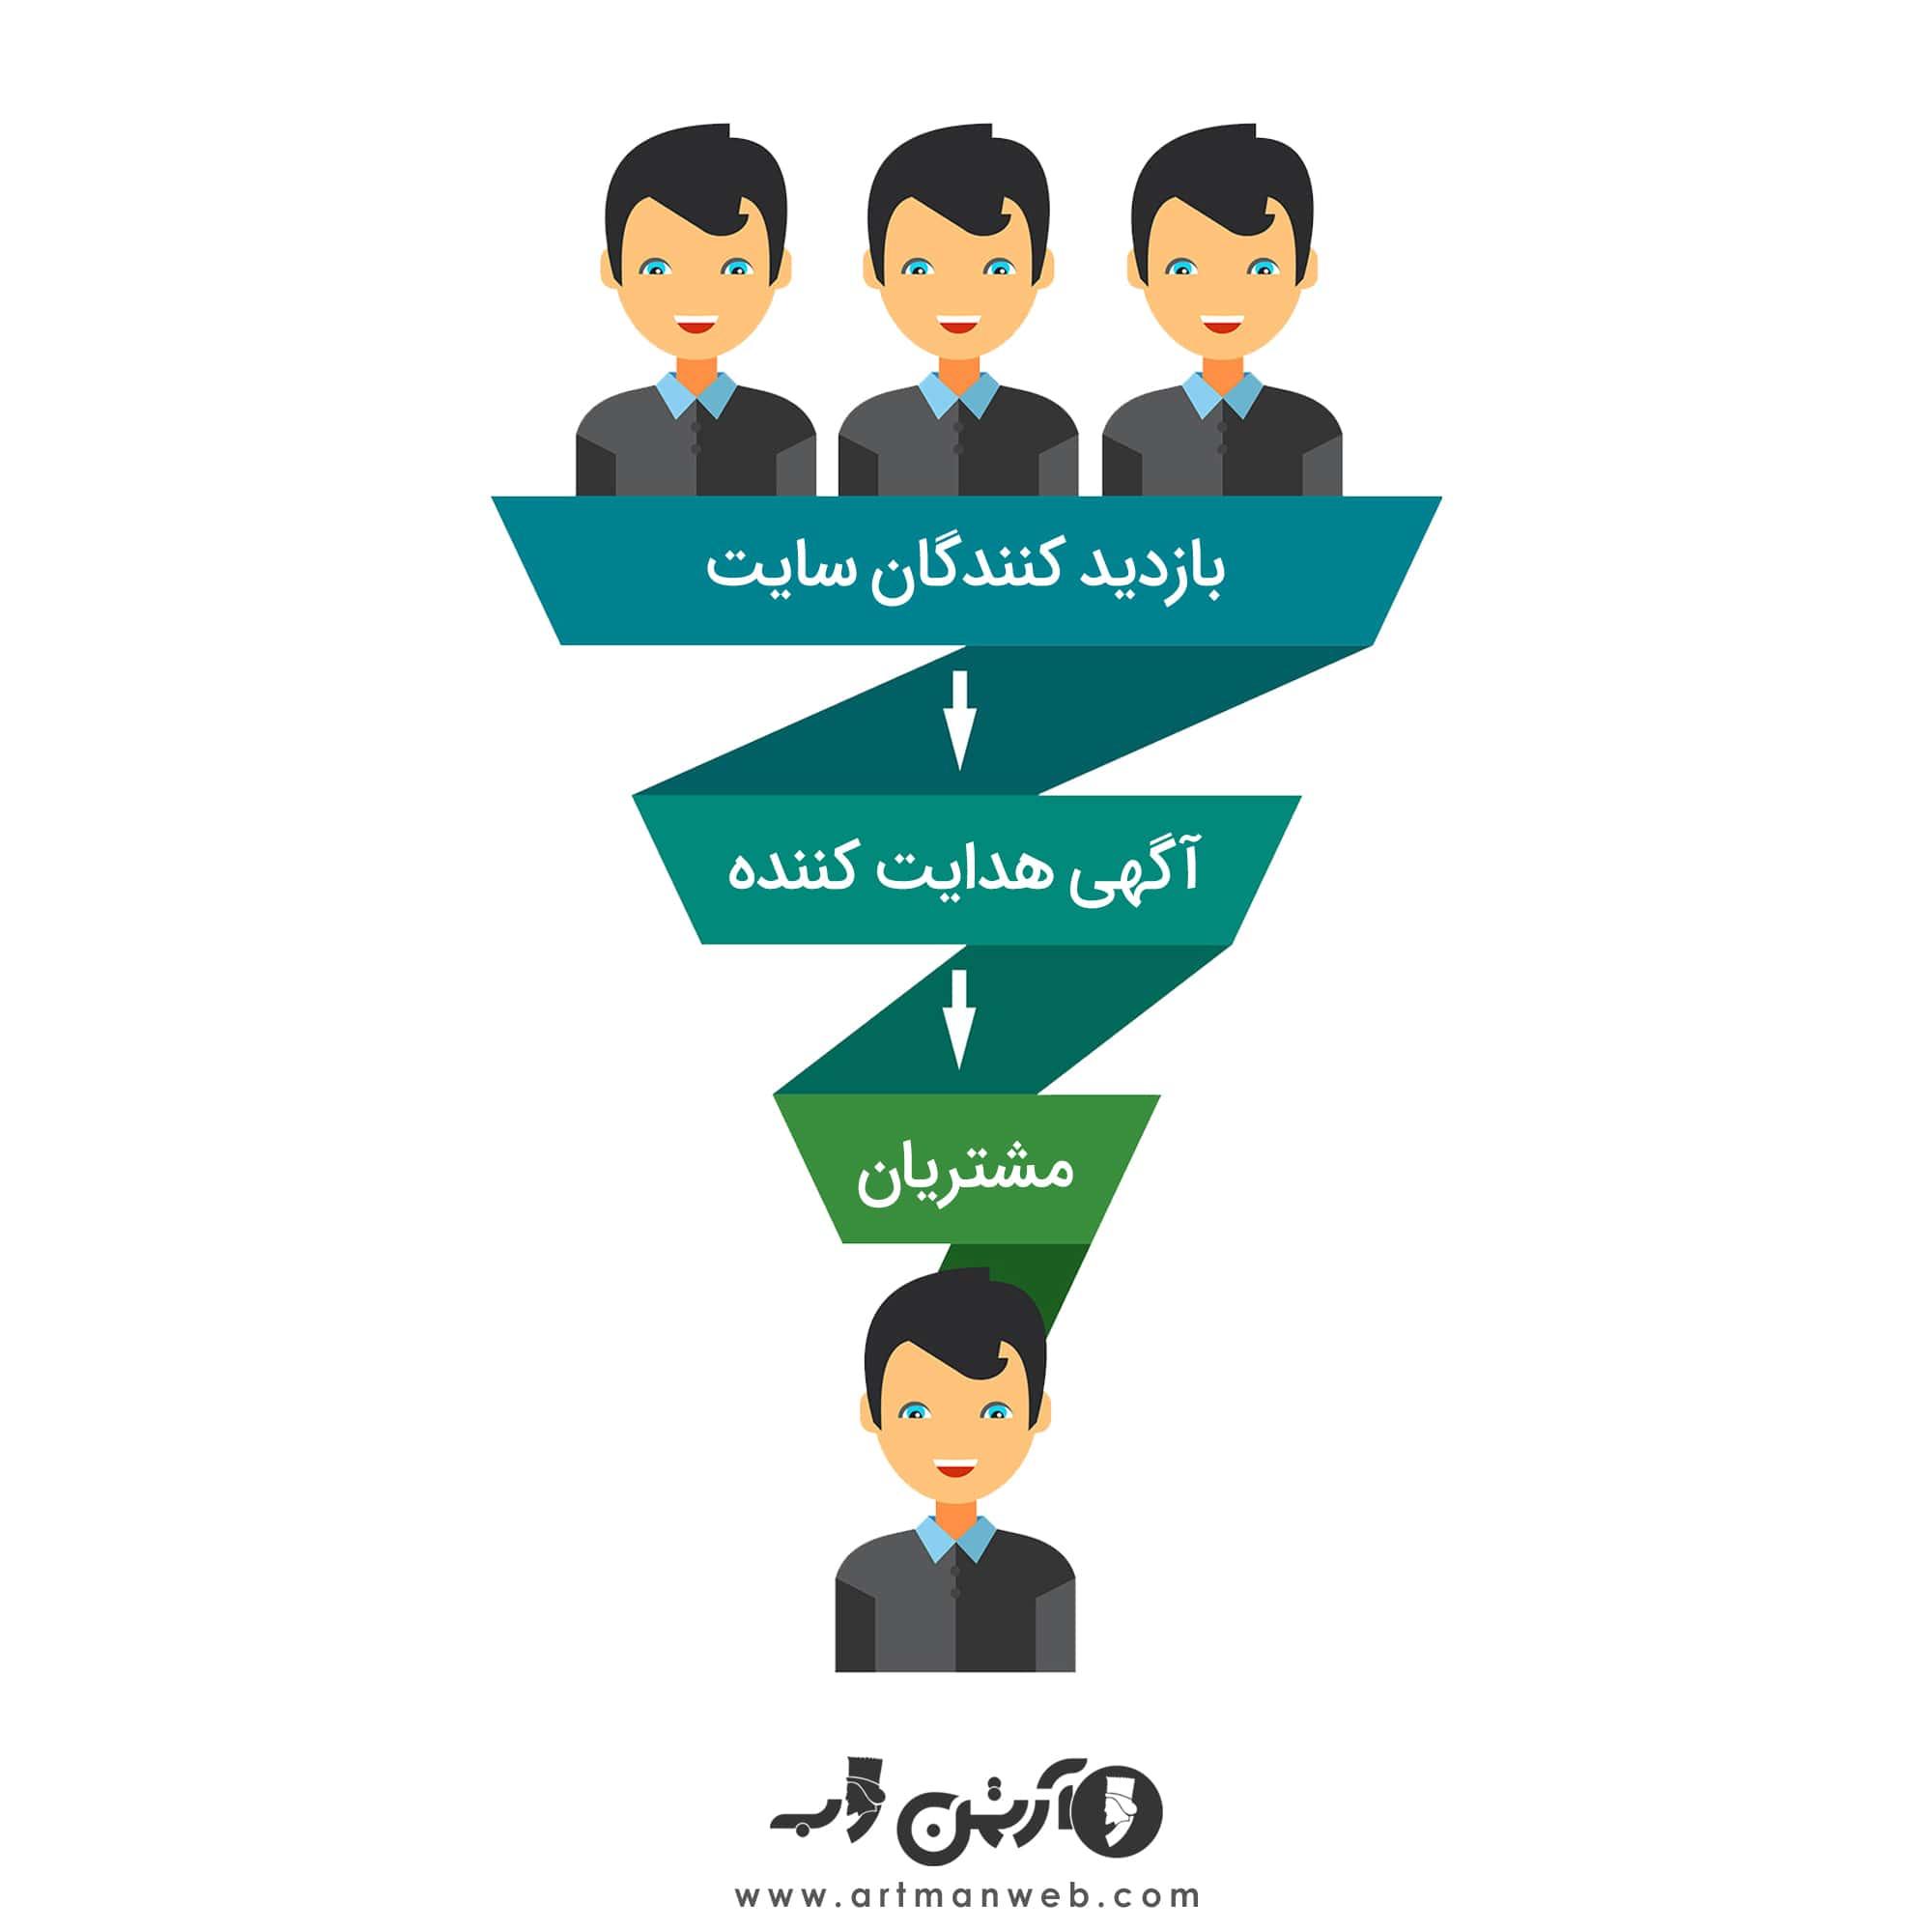 ۳راه برای افزایش نرخ تبدیل